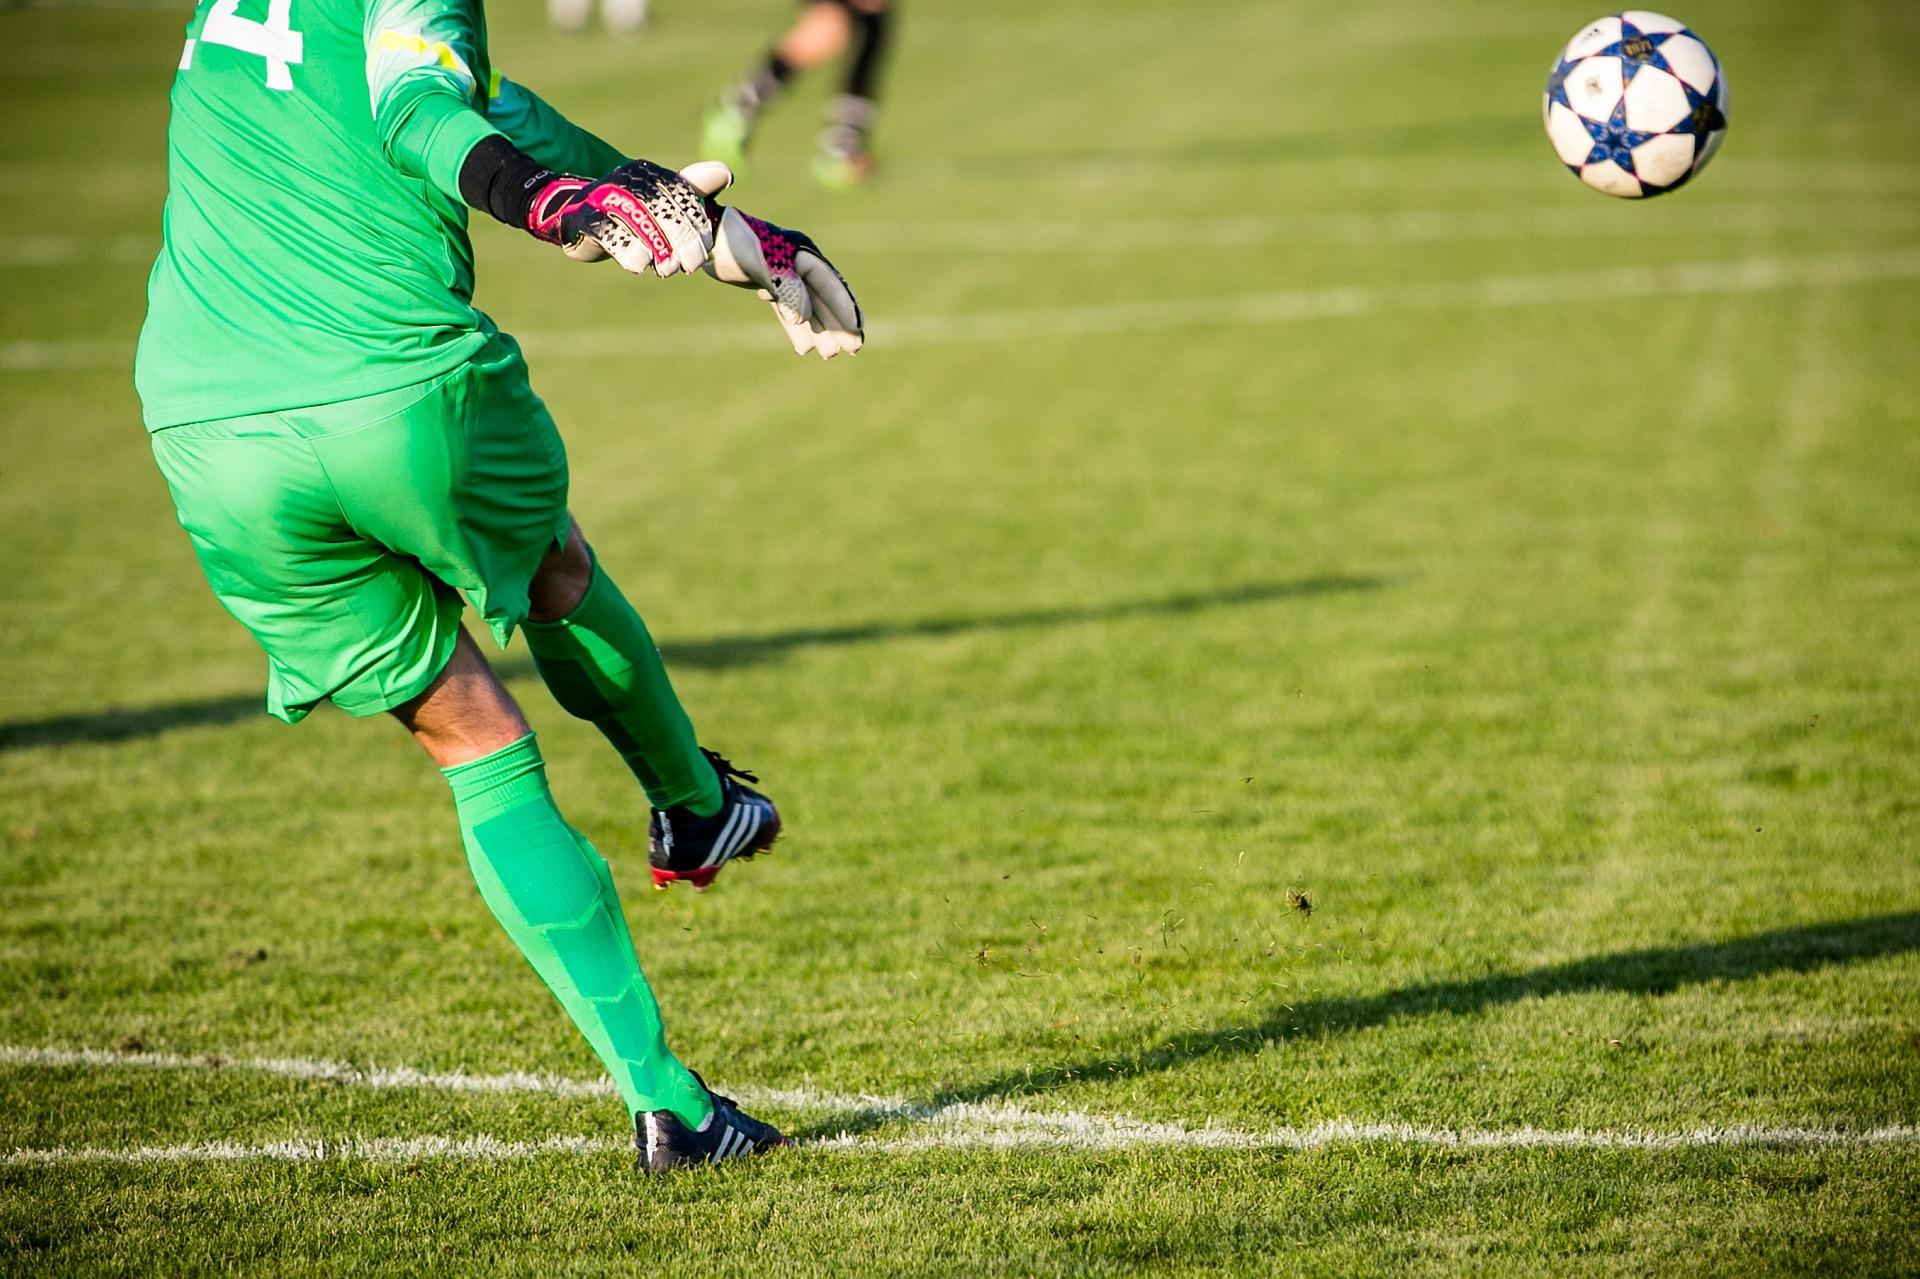 Спортсмены из Роговского одержали очередную победу в первенстве города Подольск по футболу